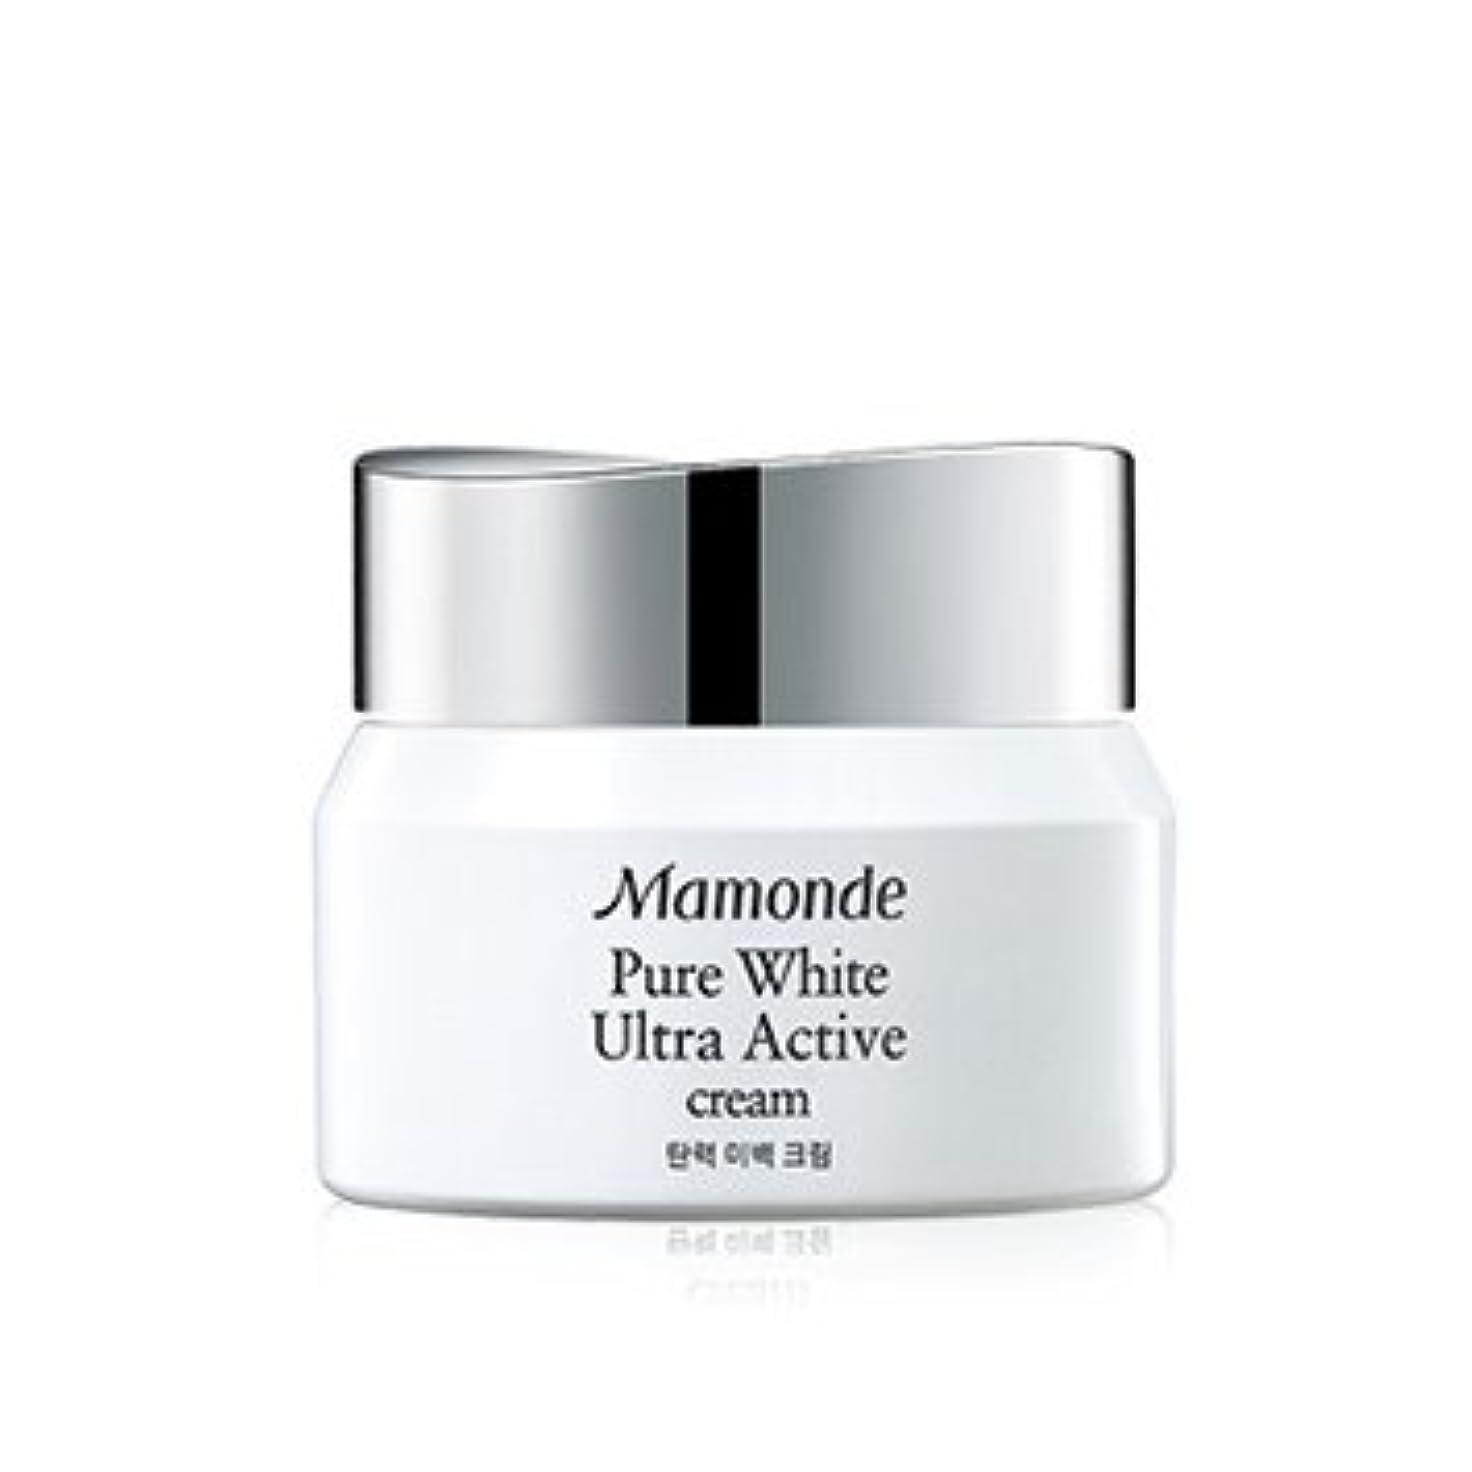 シェルターライバル草Mamonde Pure White Ultra Active Cream 50ml/マモンド ピュア ホワイト ウルトラ アクティブ クリーム 50ml [並行輸入品]